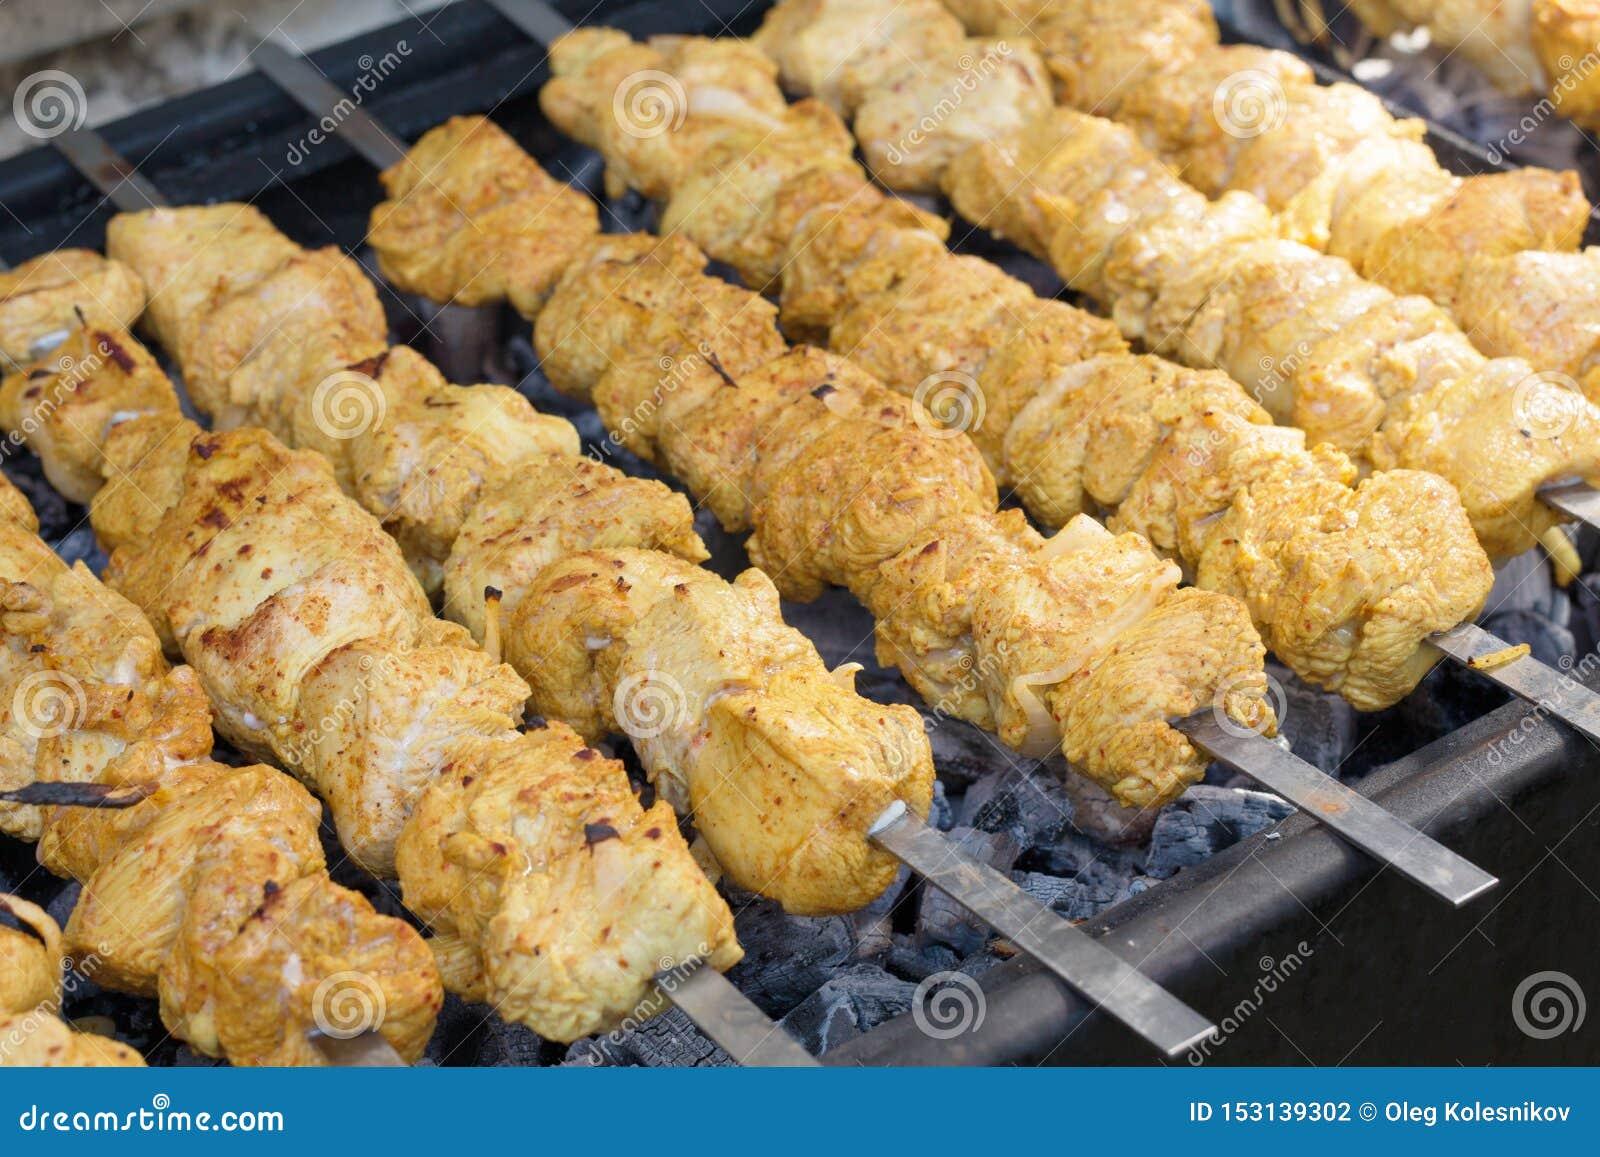 Brochettes de la Turquie marinées avec des épices sur le gril